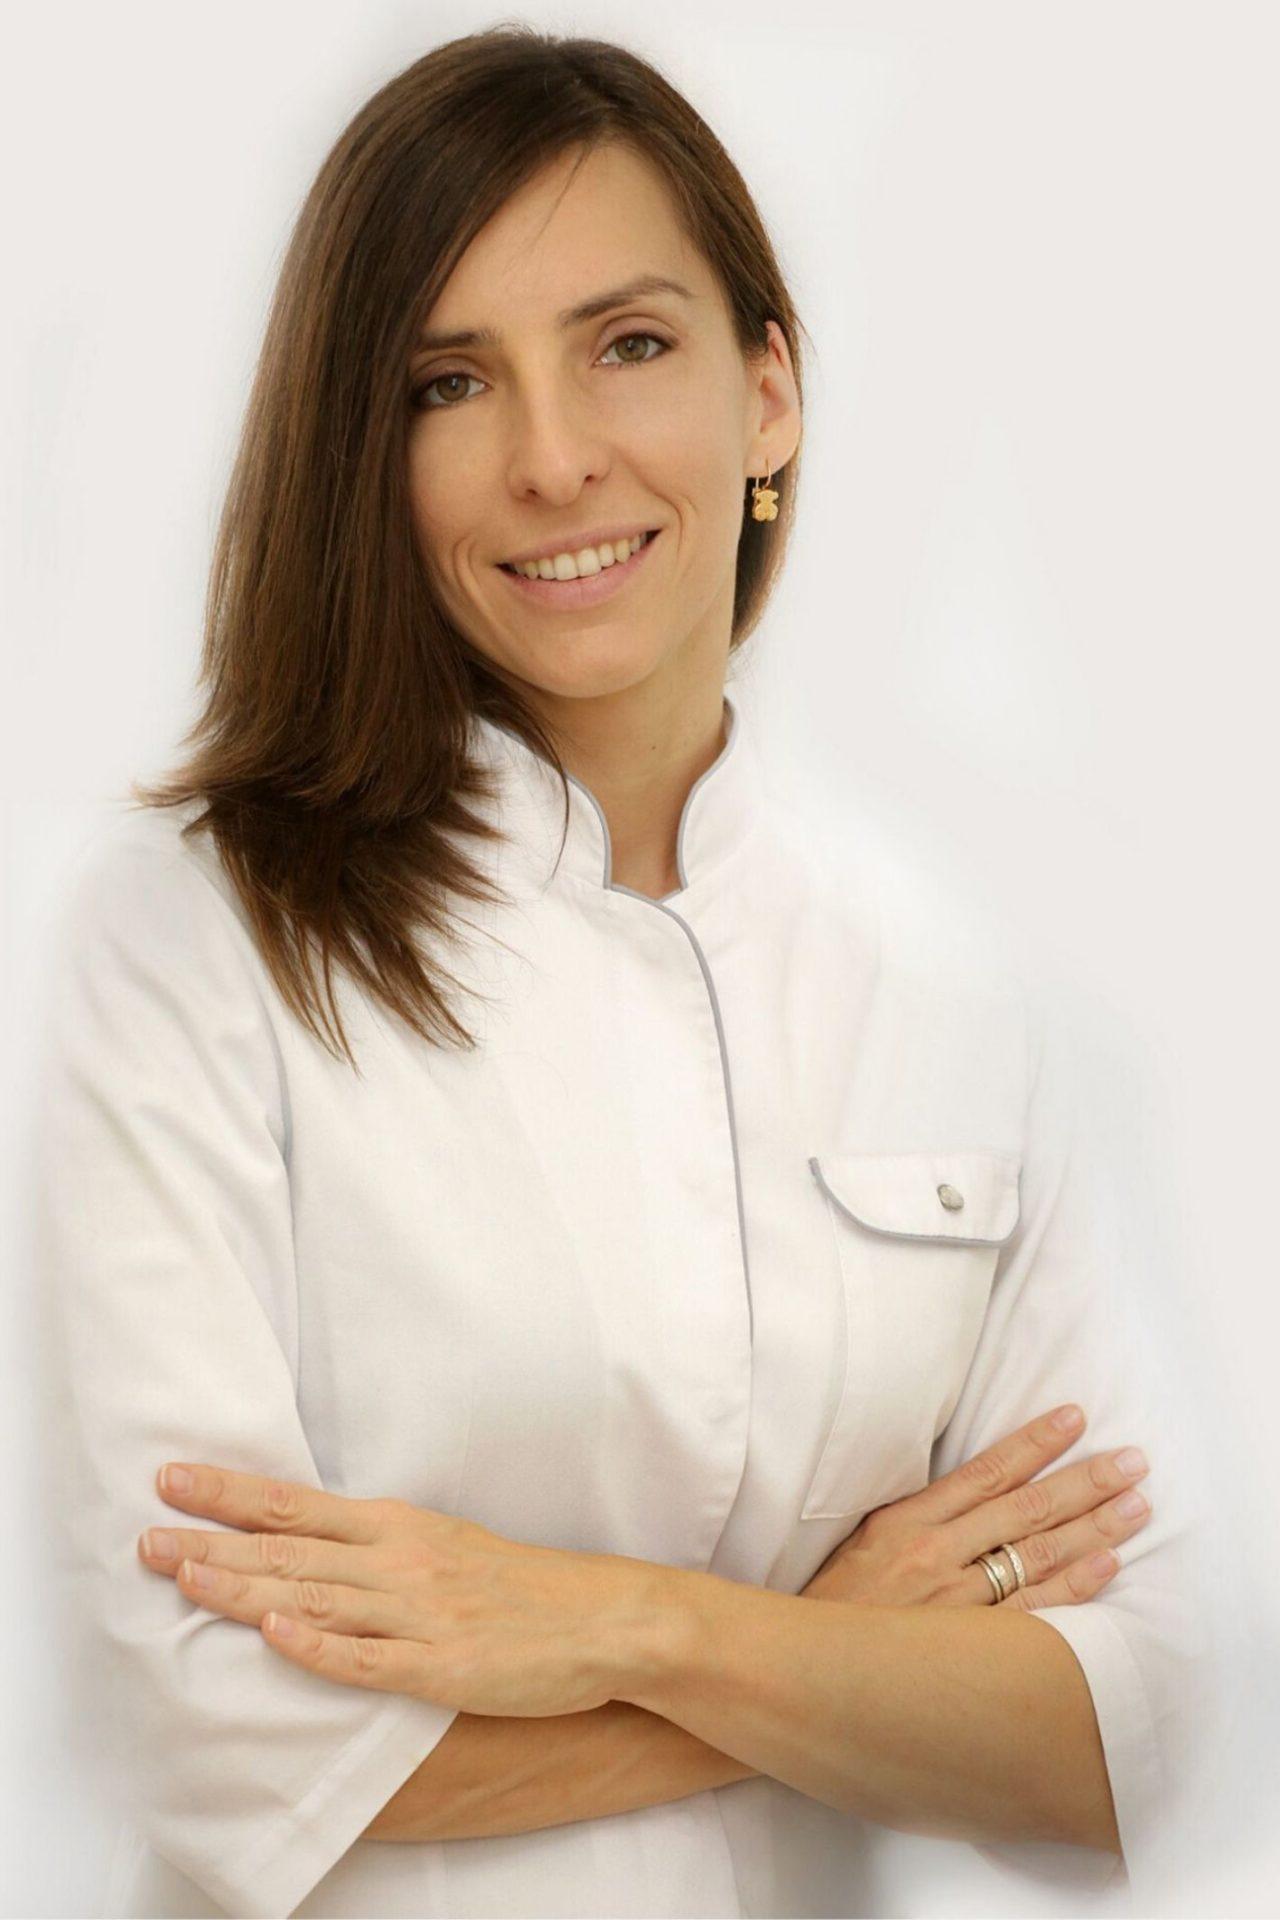 Dr Małgorzata Marcinkiewicz